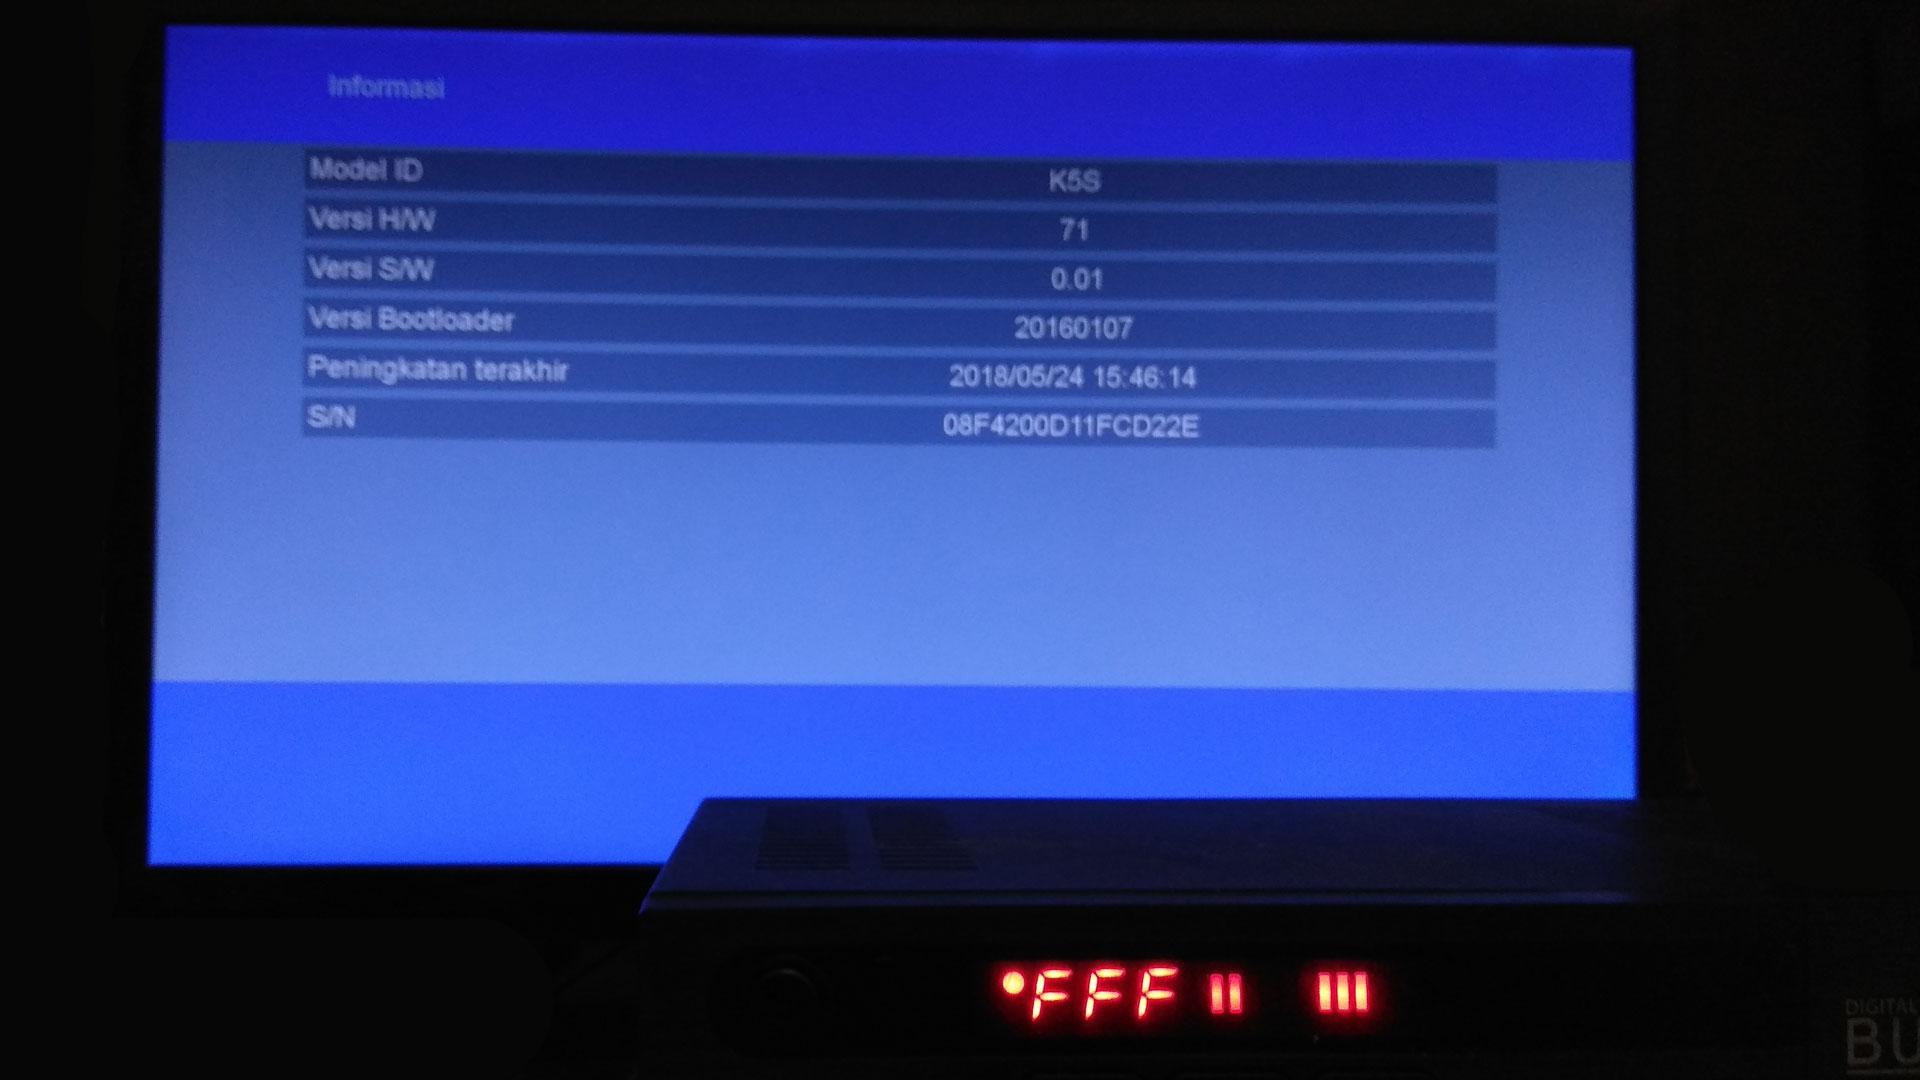 Cara Upgrade Software Matrix Burger K5S 8MB Pakai SW 4MB